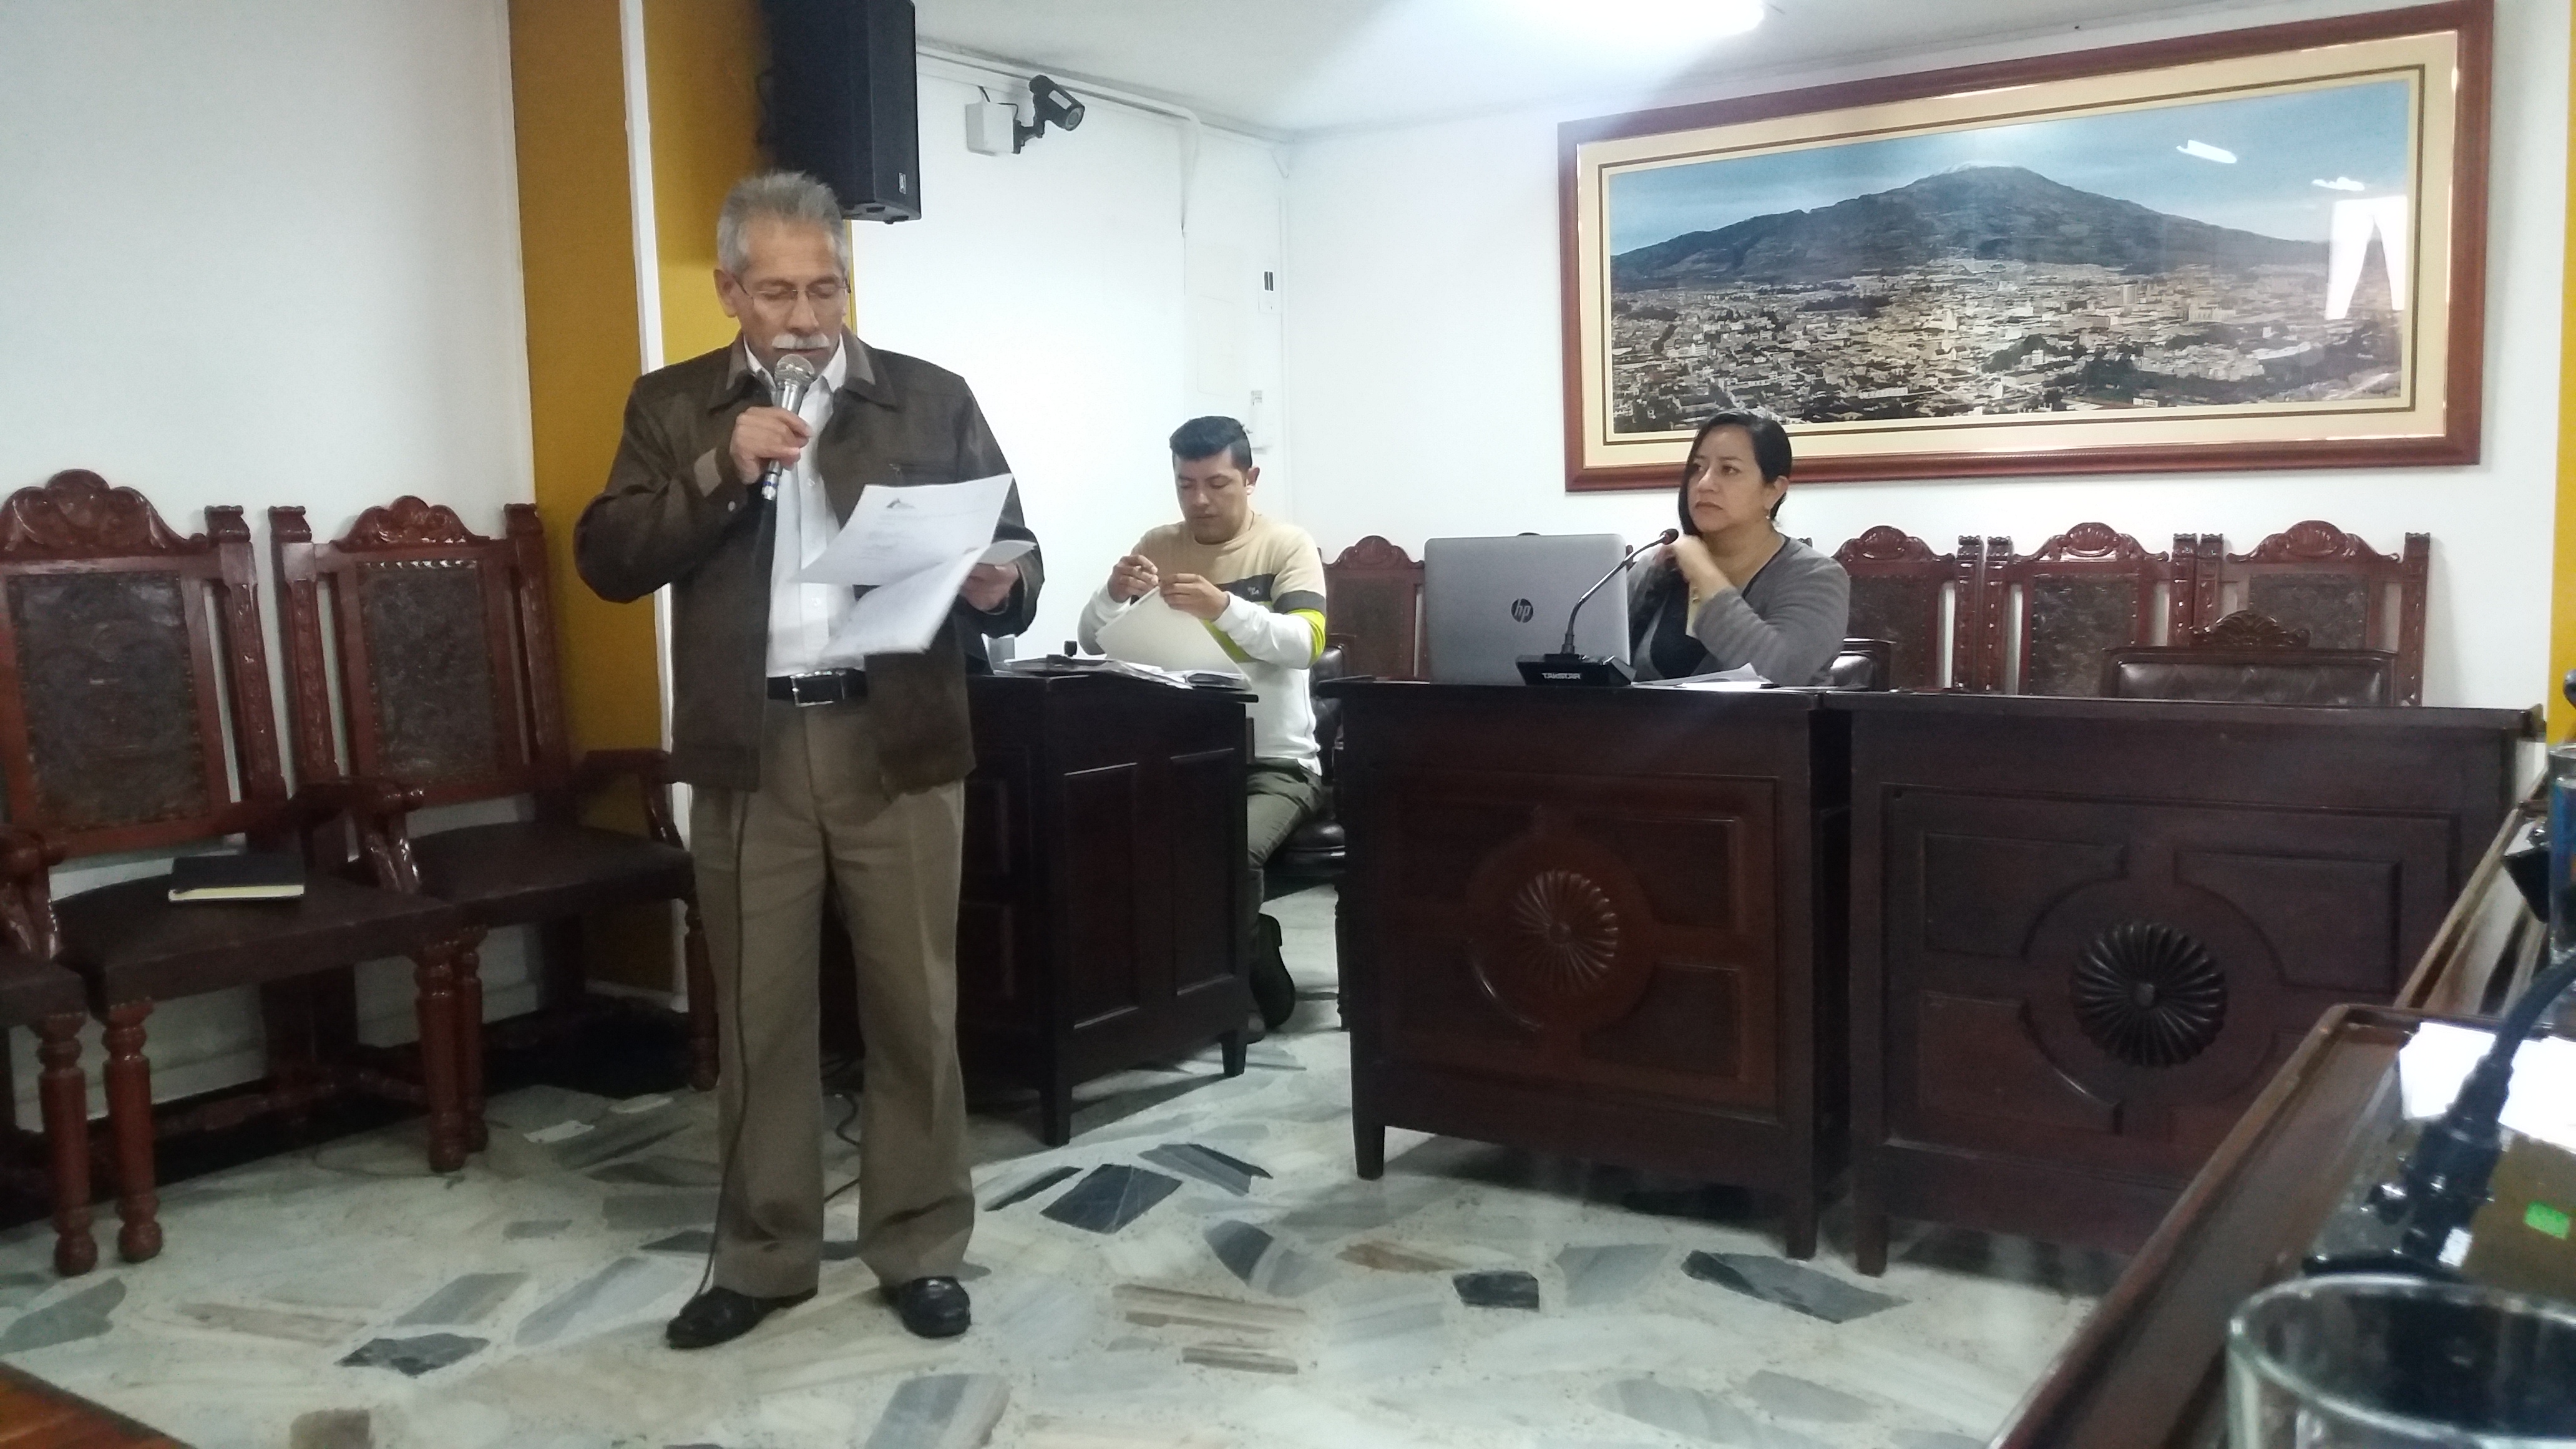 CONCEJALES DE PASTO BUSCAN CLARIDAD, FRENTE A GRAVES DENUNCIAS SOBRE PRESUNTOS MALOS MANEJOS ADMINISTRATIVOS EN LA E.S.E. PASTO SALUD.